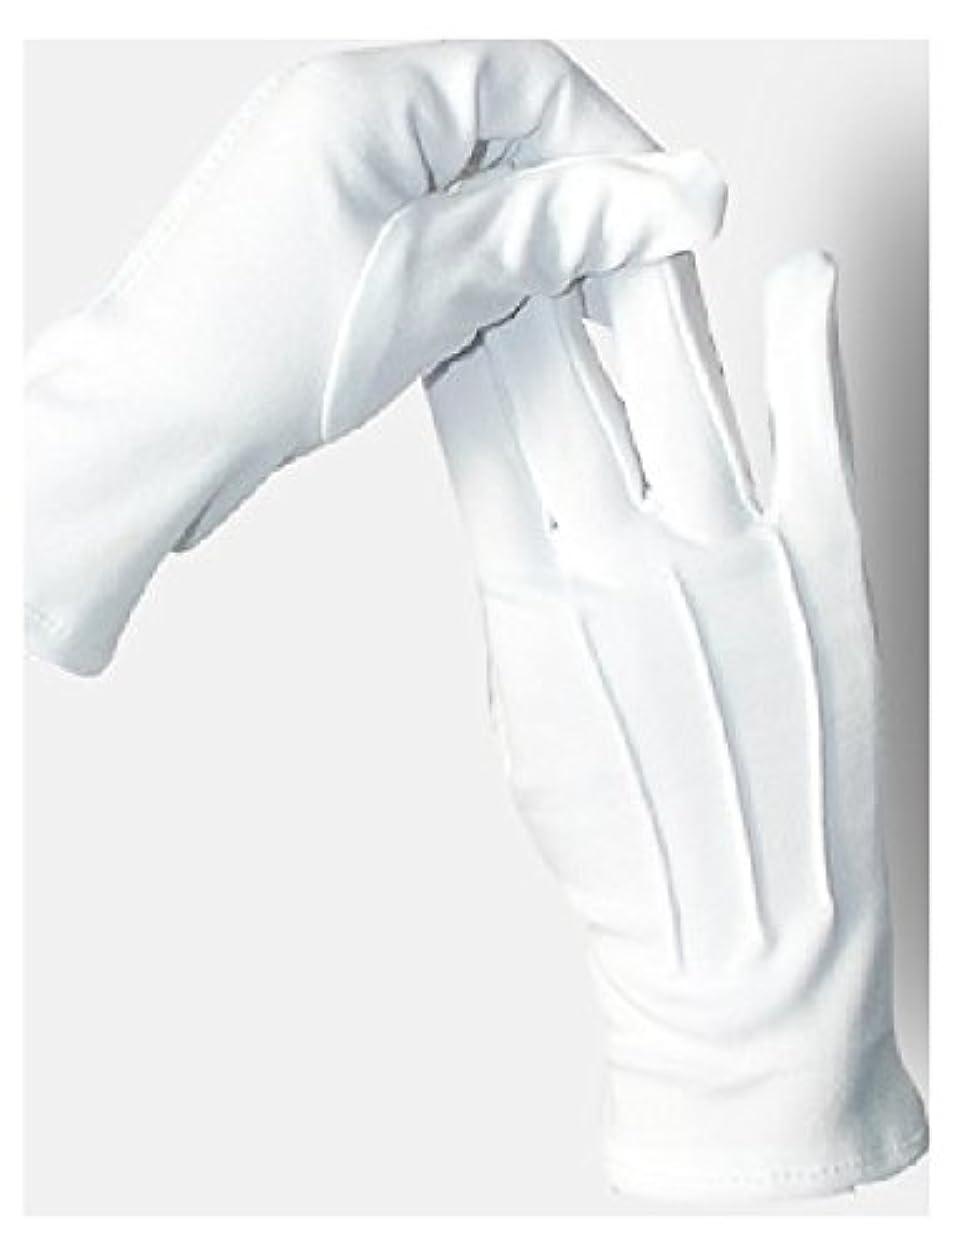 キャンセル動機付ける十一5双セット ナイロン 手袋 白 婦人 紳士 水洗い可 スリット無し (紳士)